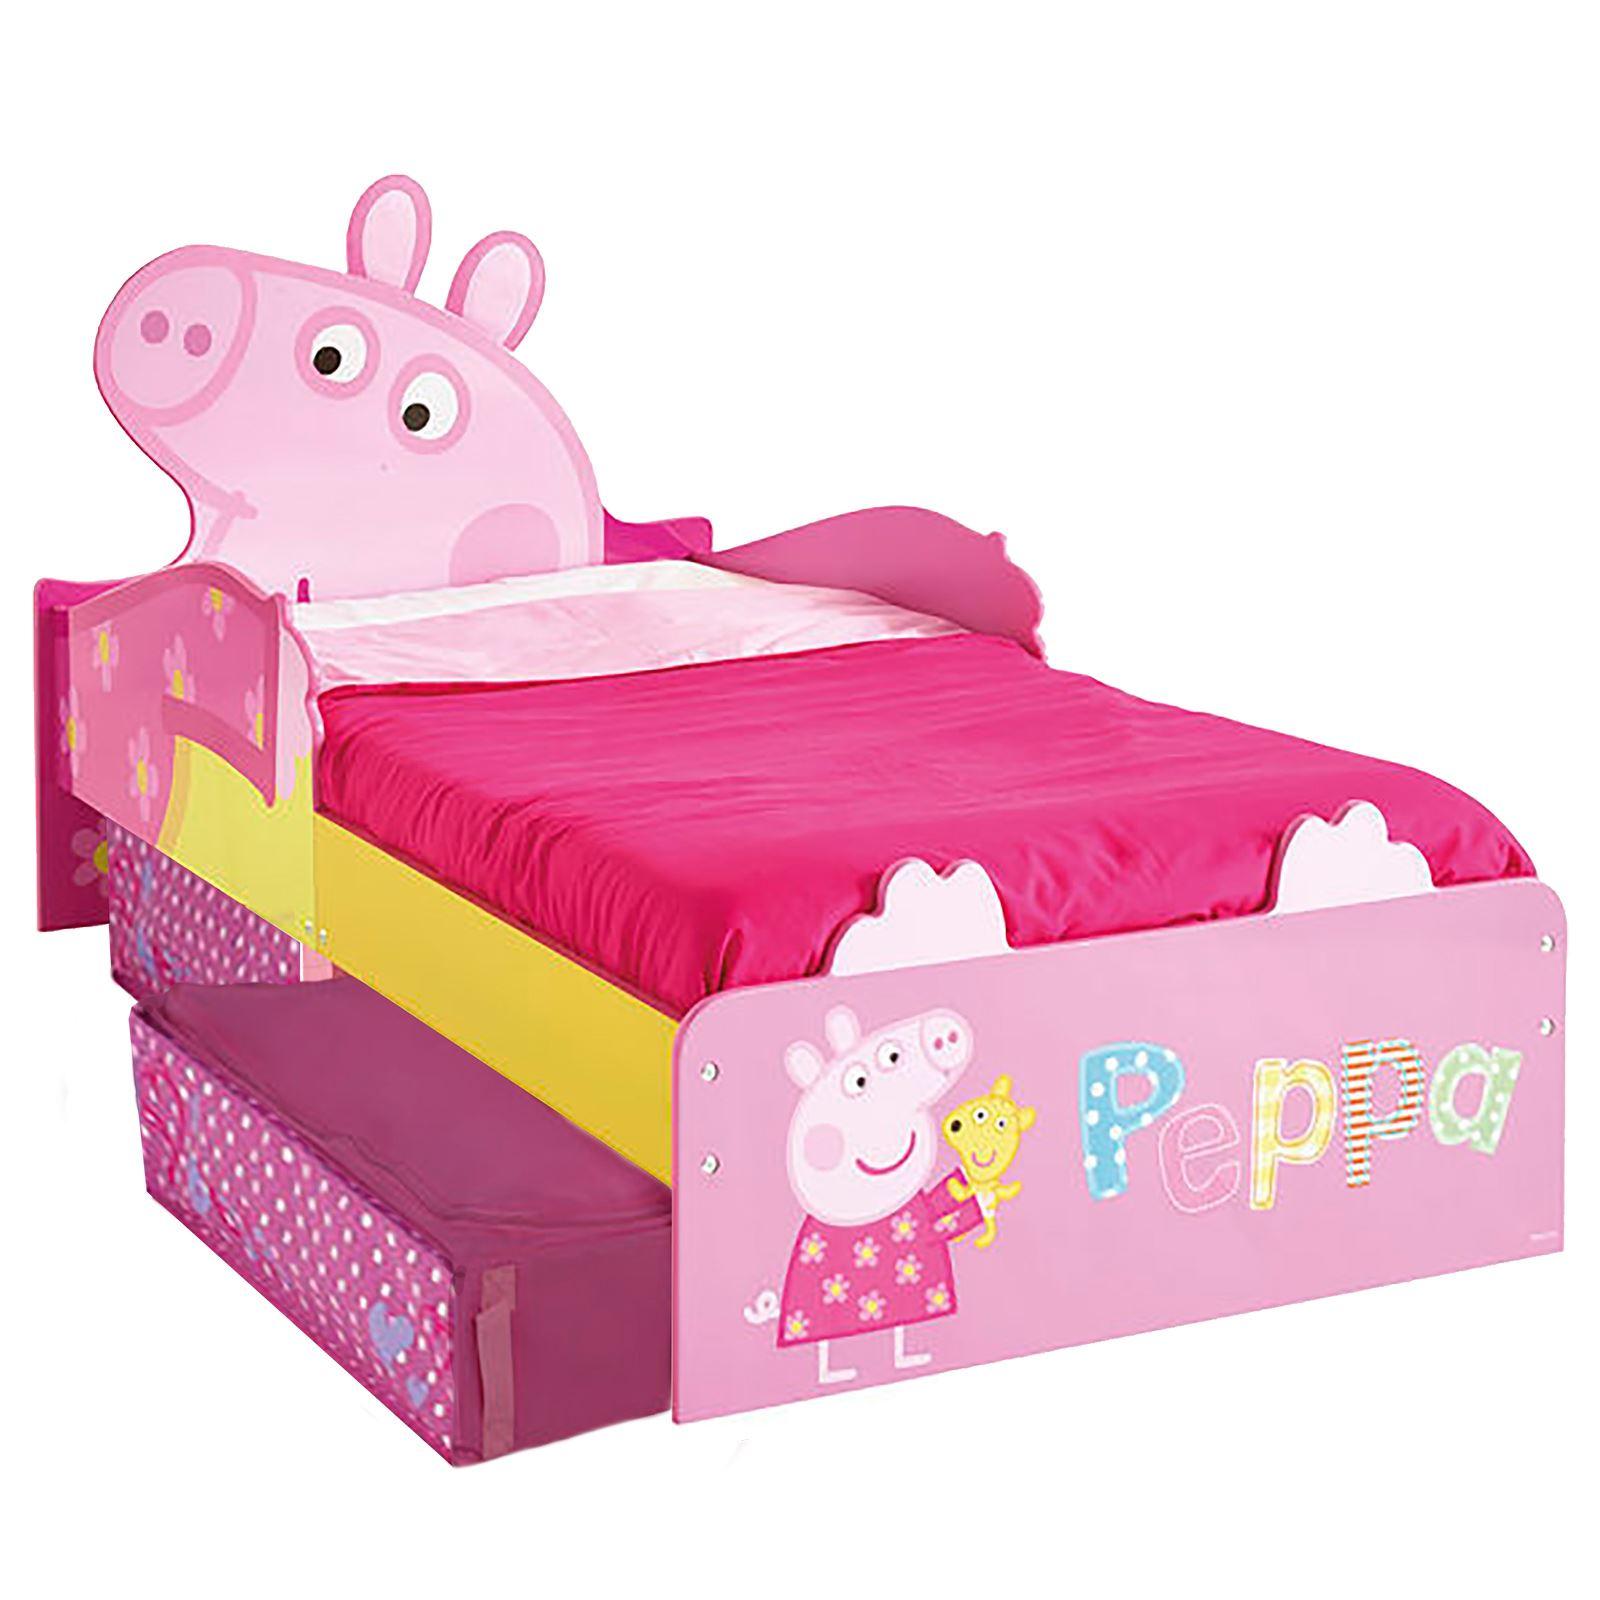 disney toddler bed with storage  mattress  cars peppa minnie  - disneytoddlerbedwithstoragemattresscarspeppa